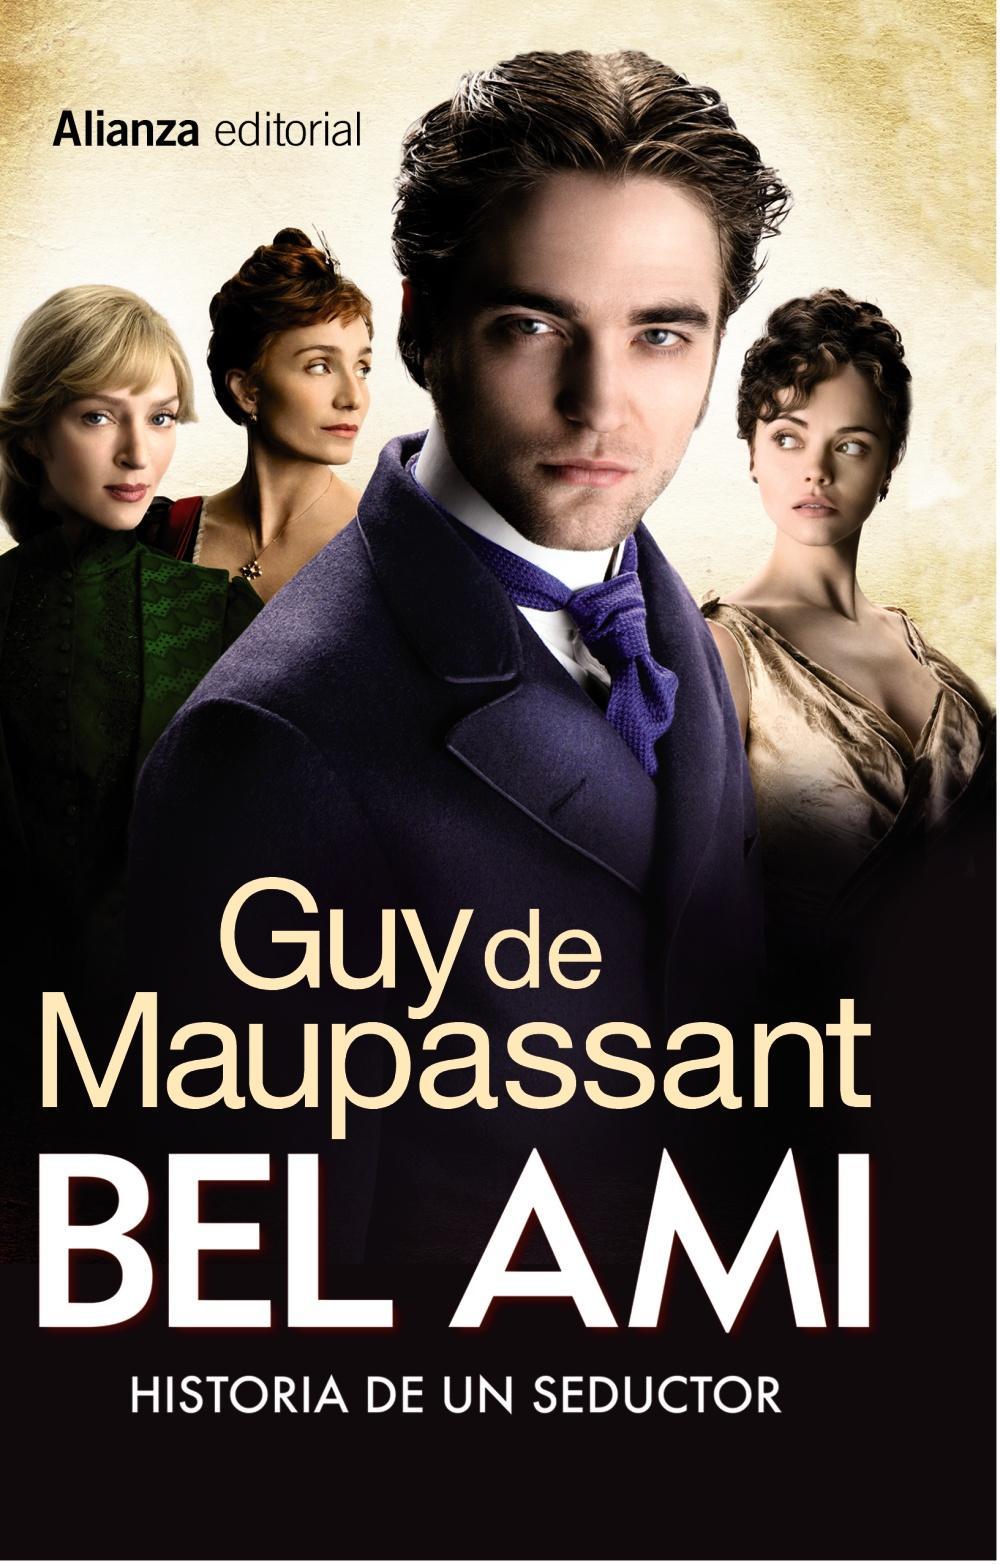 RESUMEN BEL-AMI - Guy de Maupassant